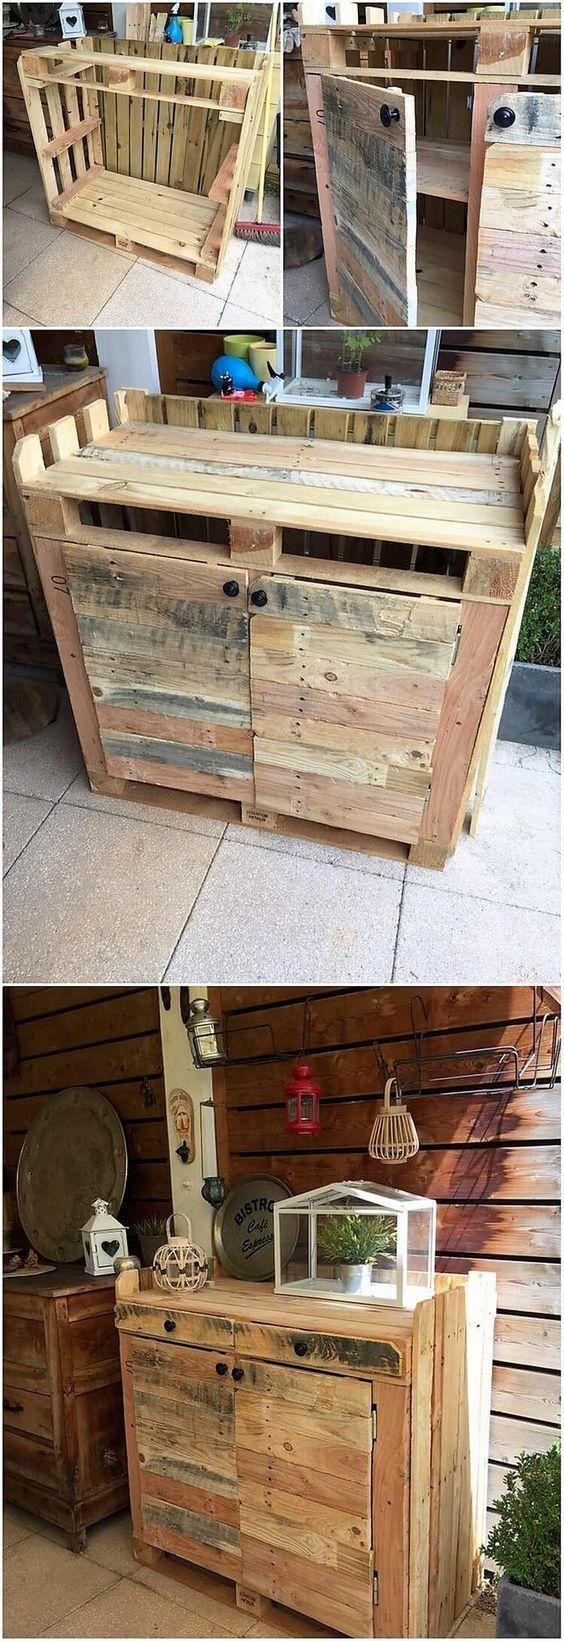 Haben Sie schon einmal darüber nachgedacht, Ihre Küche mit dem Schrankdesign zu versehen, das aus Holz besteht? Holzpalette ist das bisher beste Material, das Sie bei der Gestaltung des Küchenschranks verwenden können. Es bietet den Geschmack der Gehäuseteile im unteren Bereich des Designs